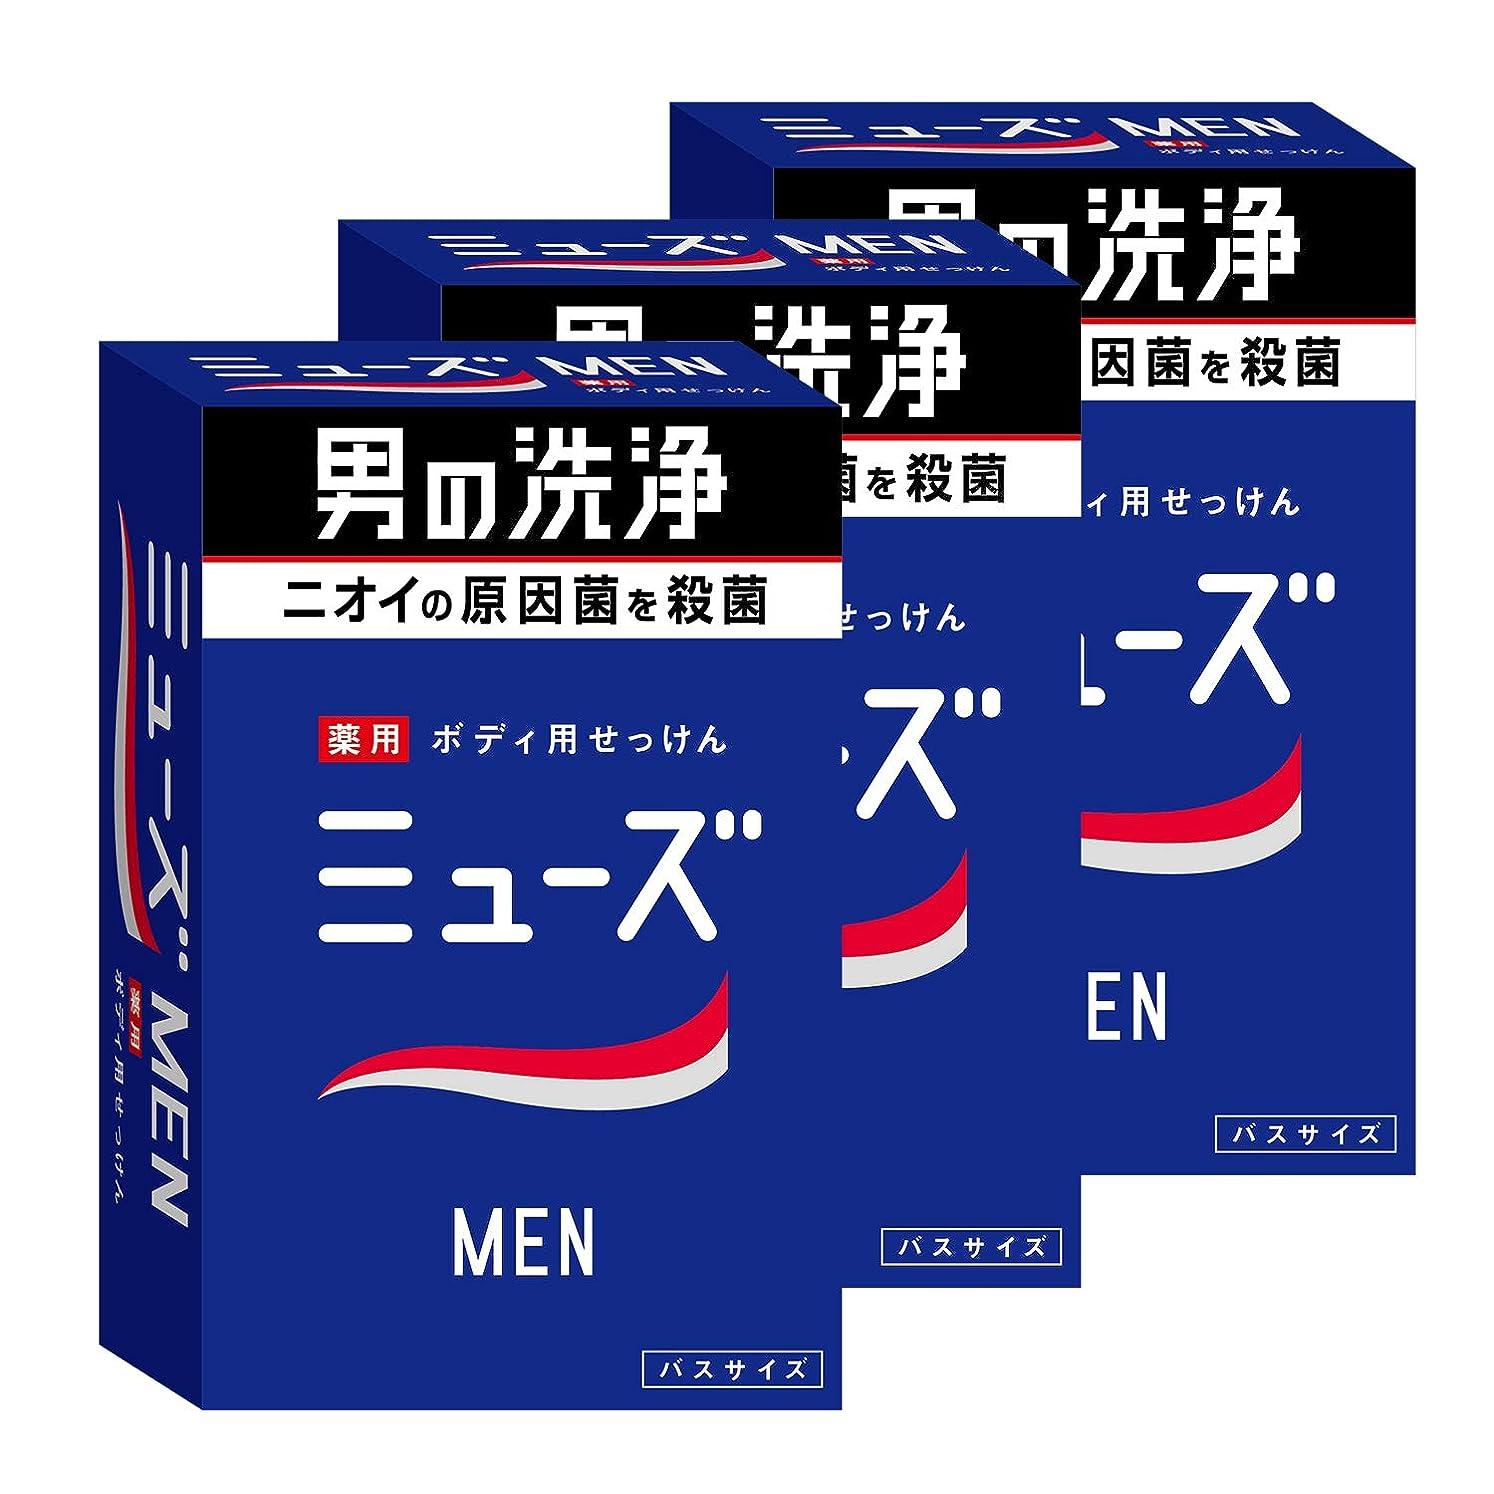 オレンジコンパニオンバーター【医薬部外品】ミューズメン ボディ用 石鹸 135g ×3個 消臭